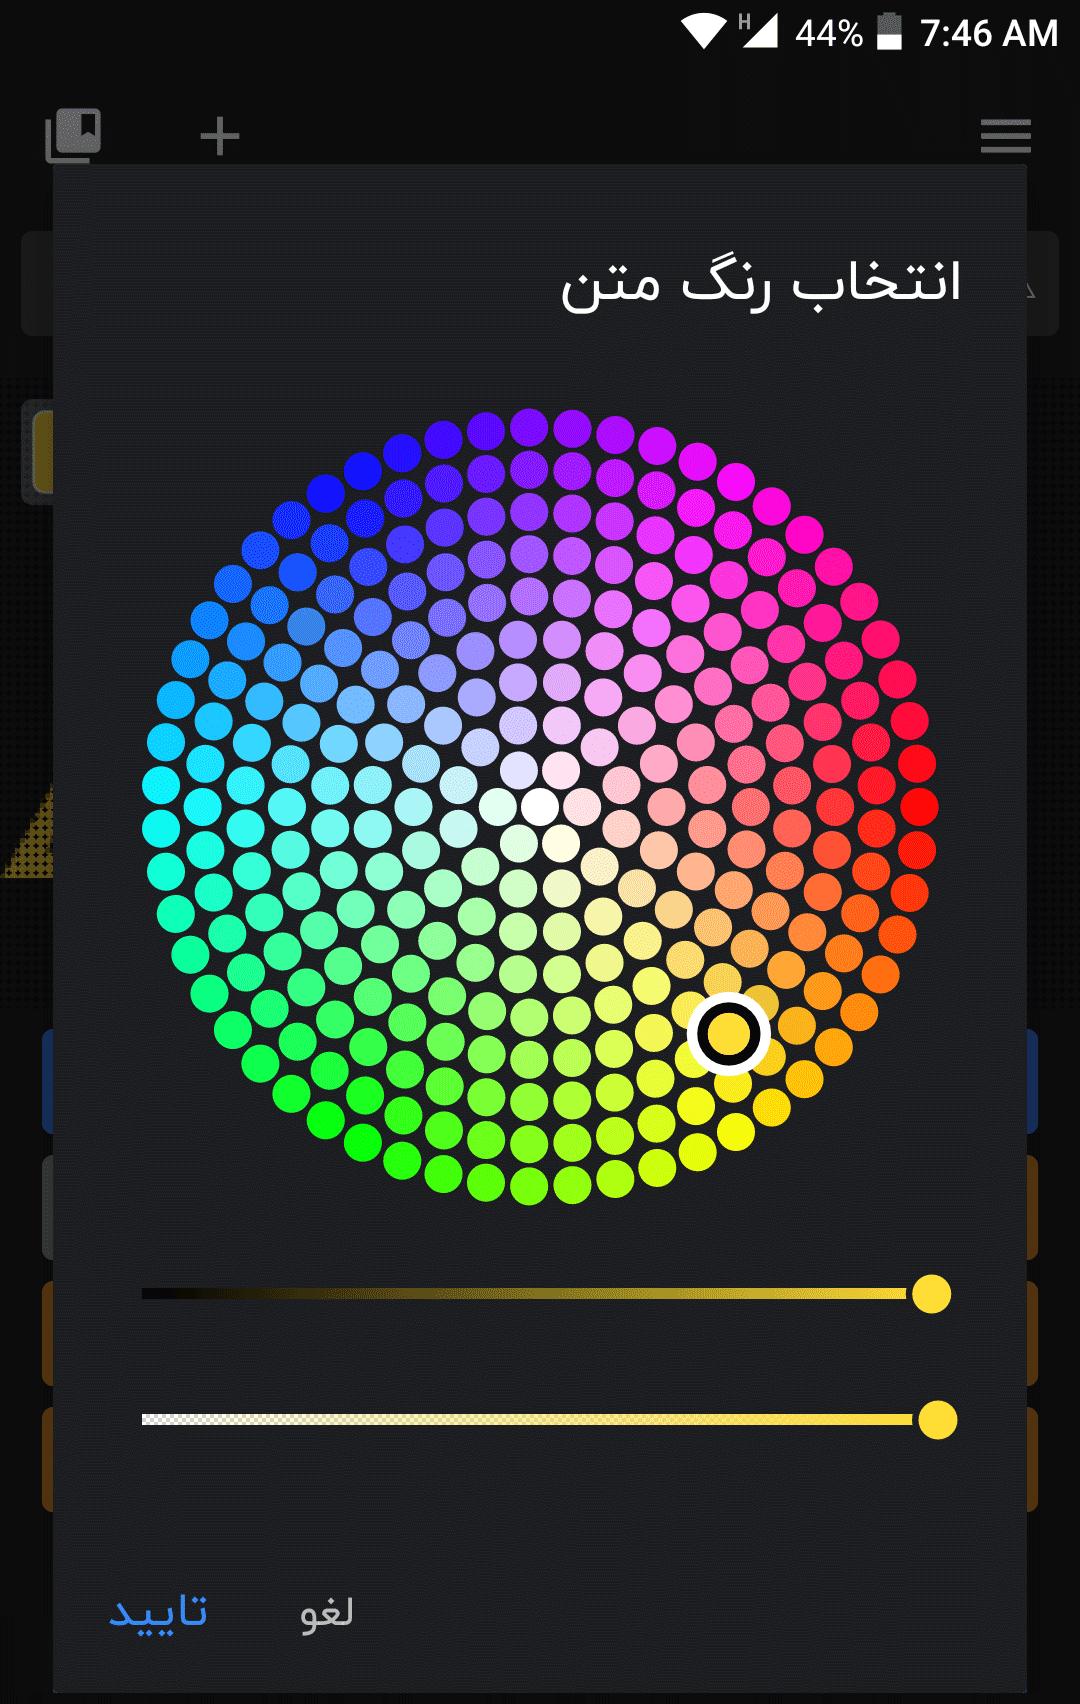 تصویر 4 نمایشگر LED